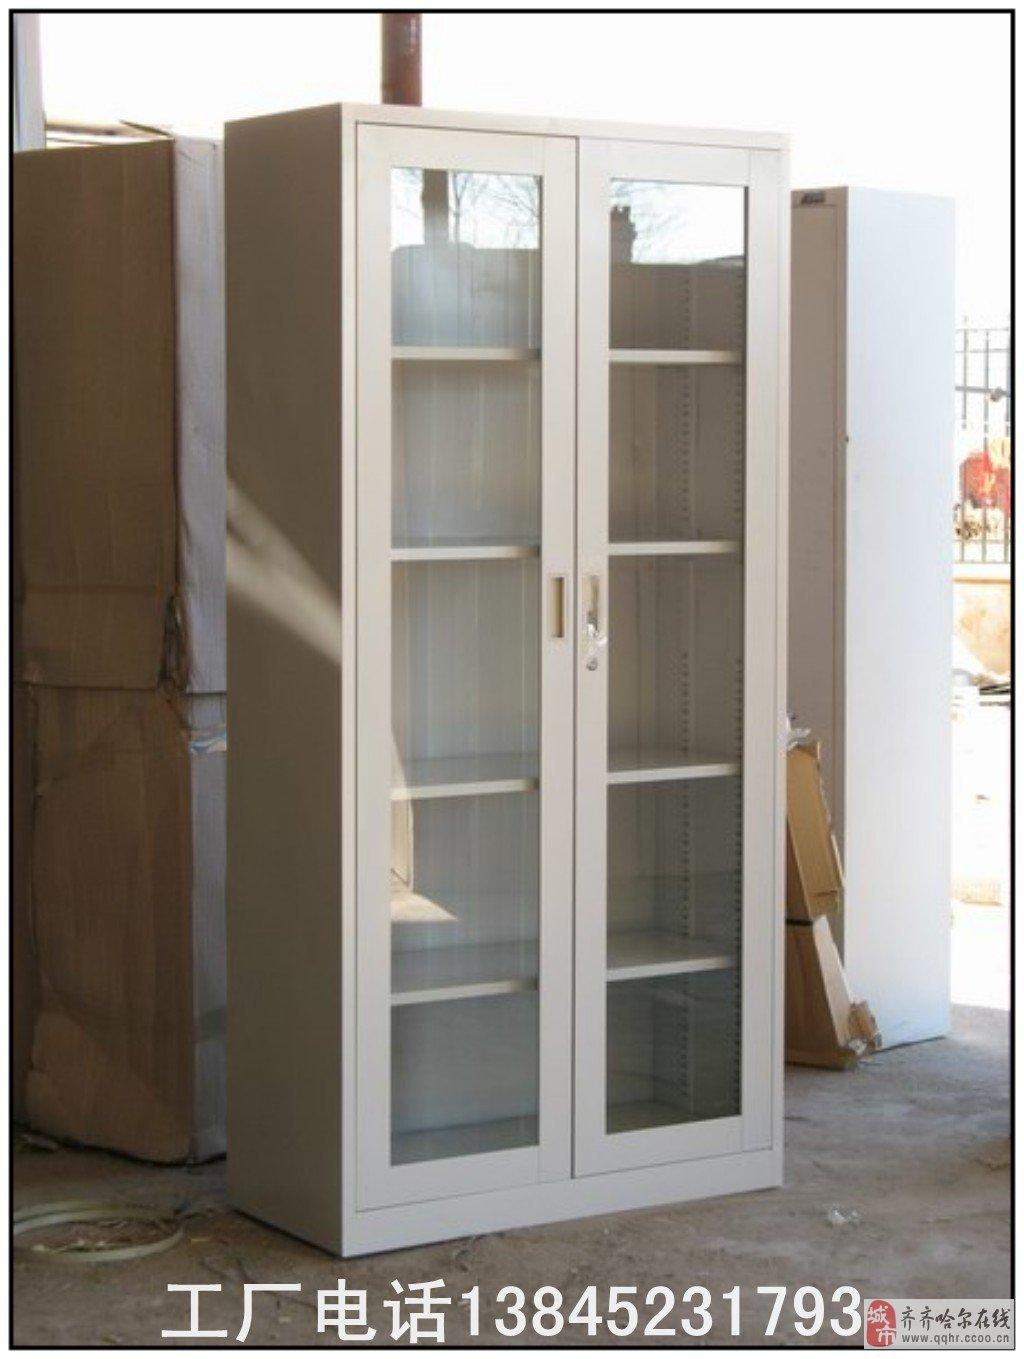 酒柜储物柜一体设计图展示